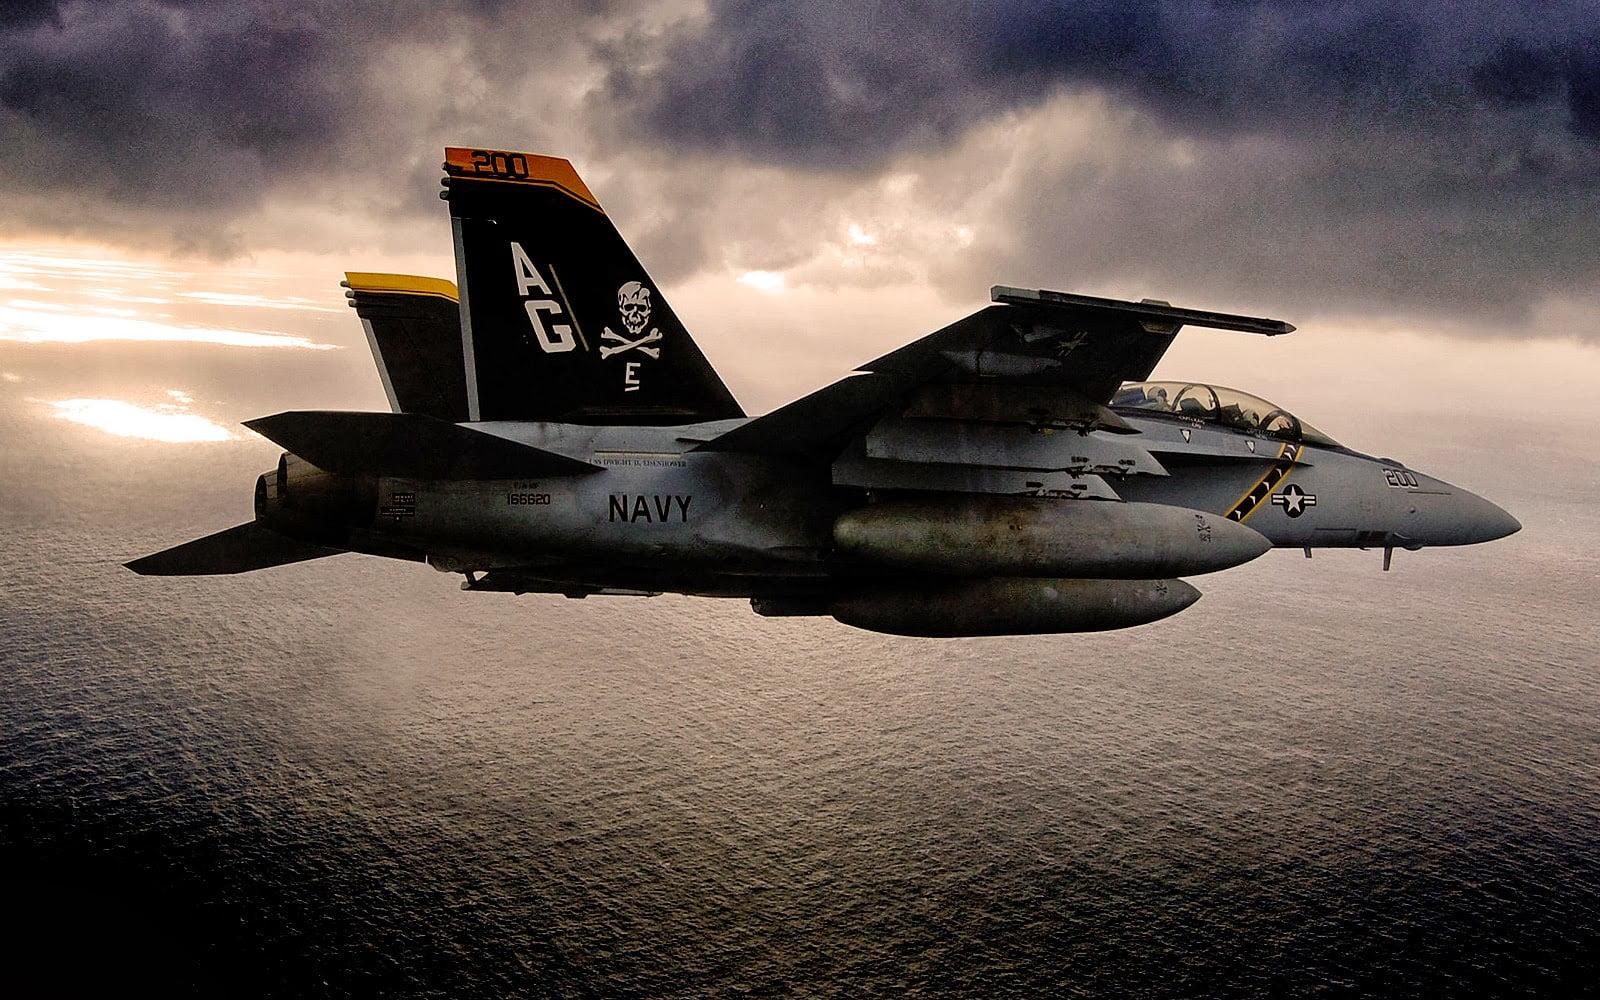 Η ΓΕΡΜΑΝΙΑ ΘΕΛΕΙ F-18 ΓΙΑ ΝΑ ΠΕΤΑΞΕΙ ΚΑΠΟΙΑ TORNADO